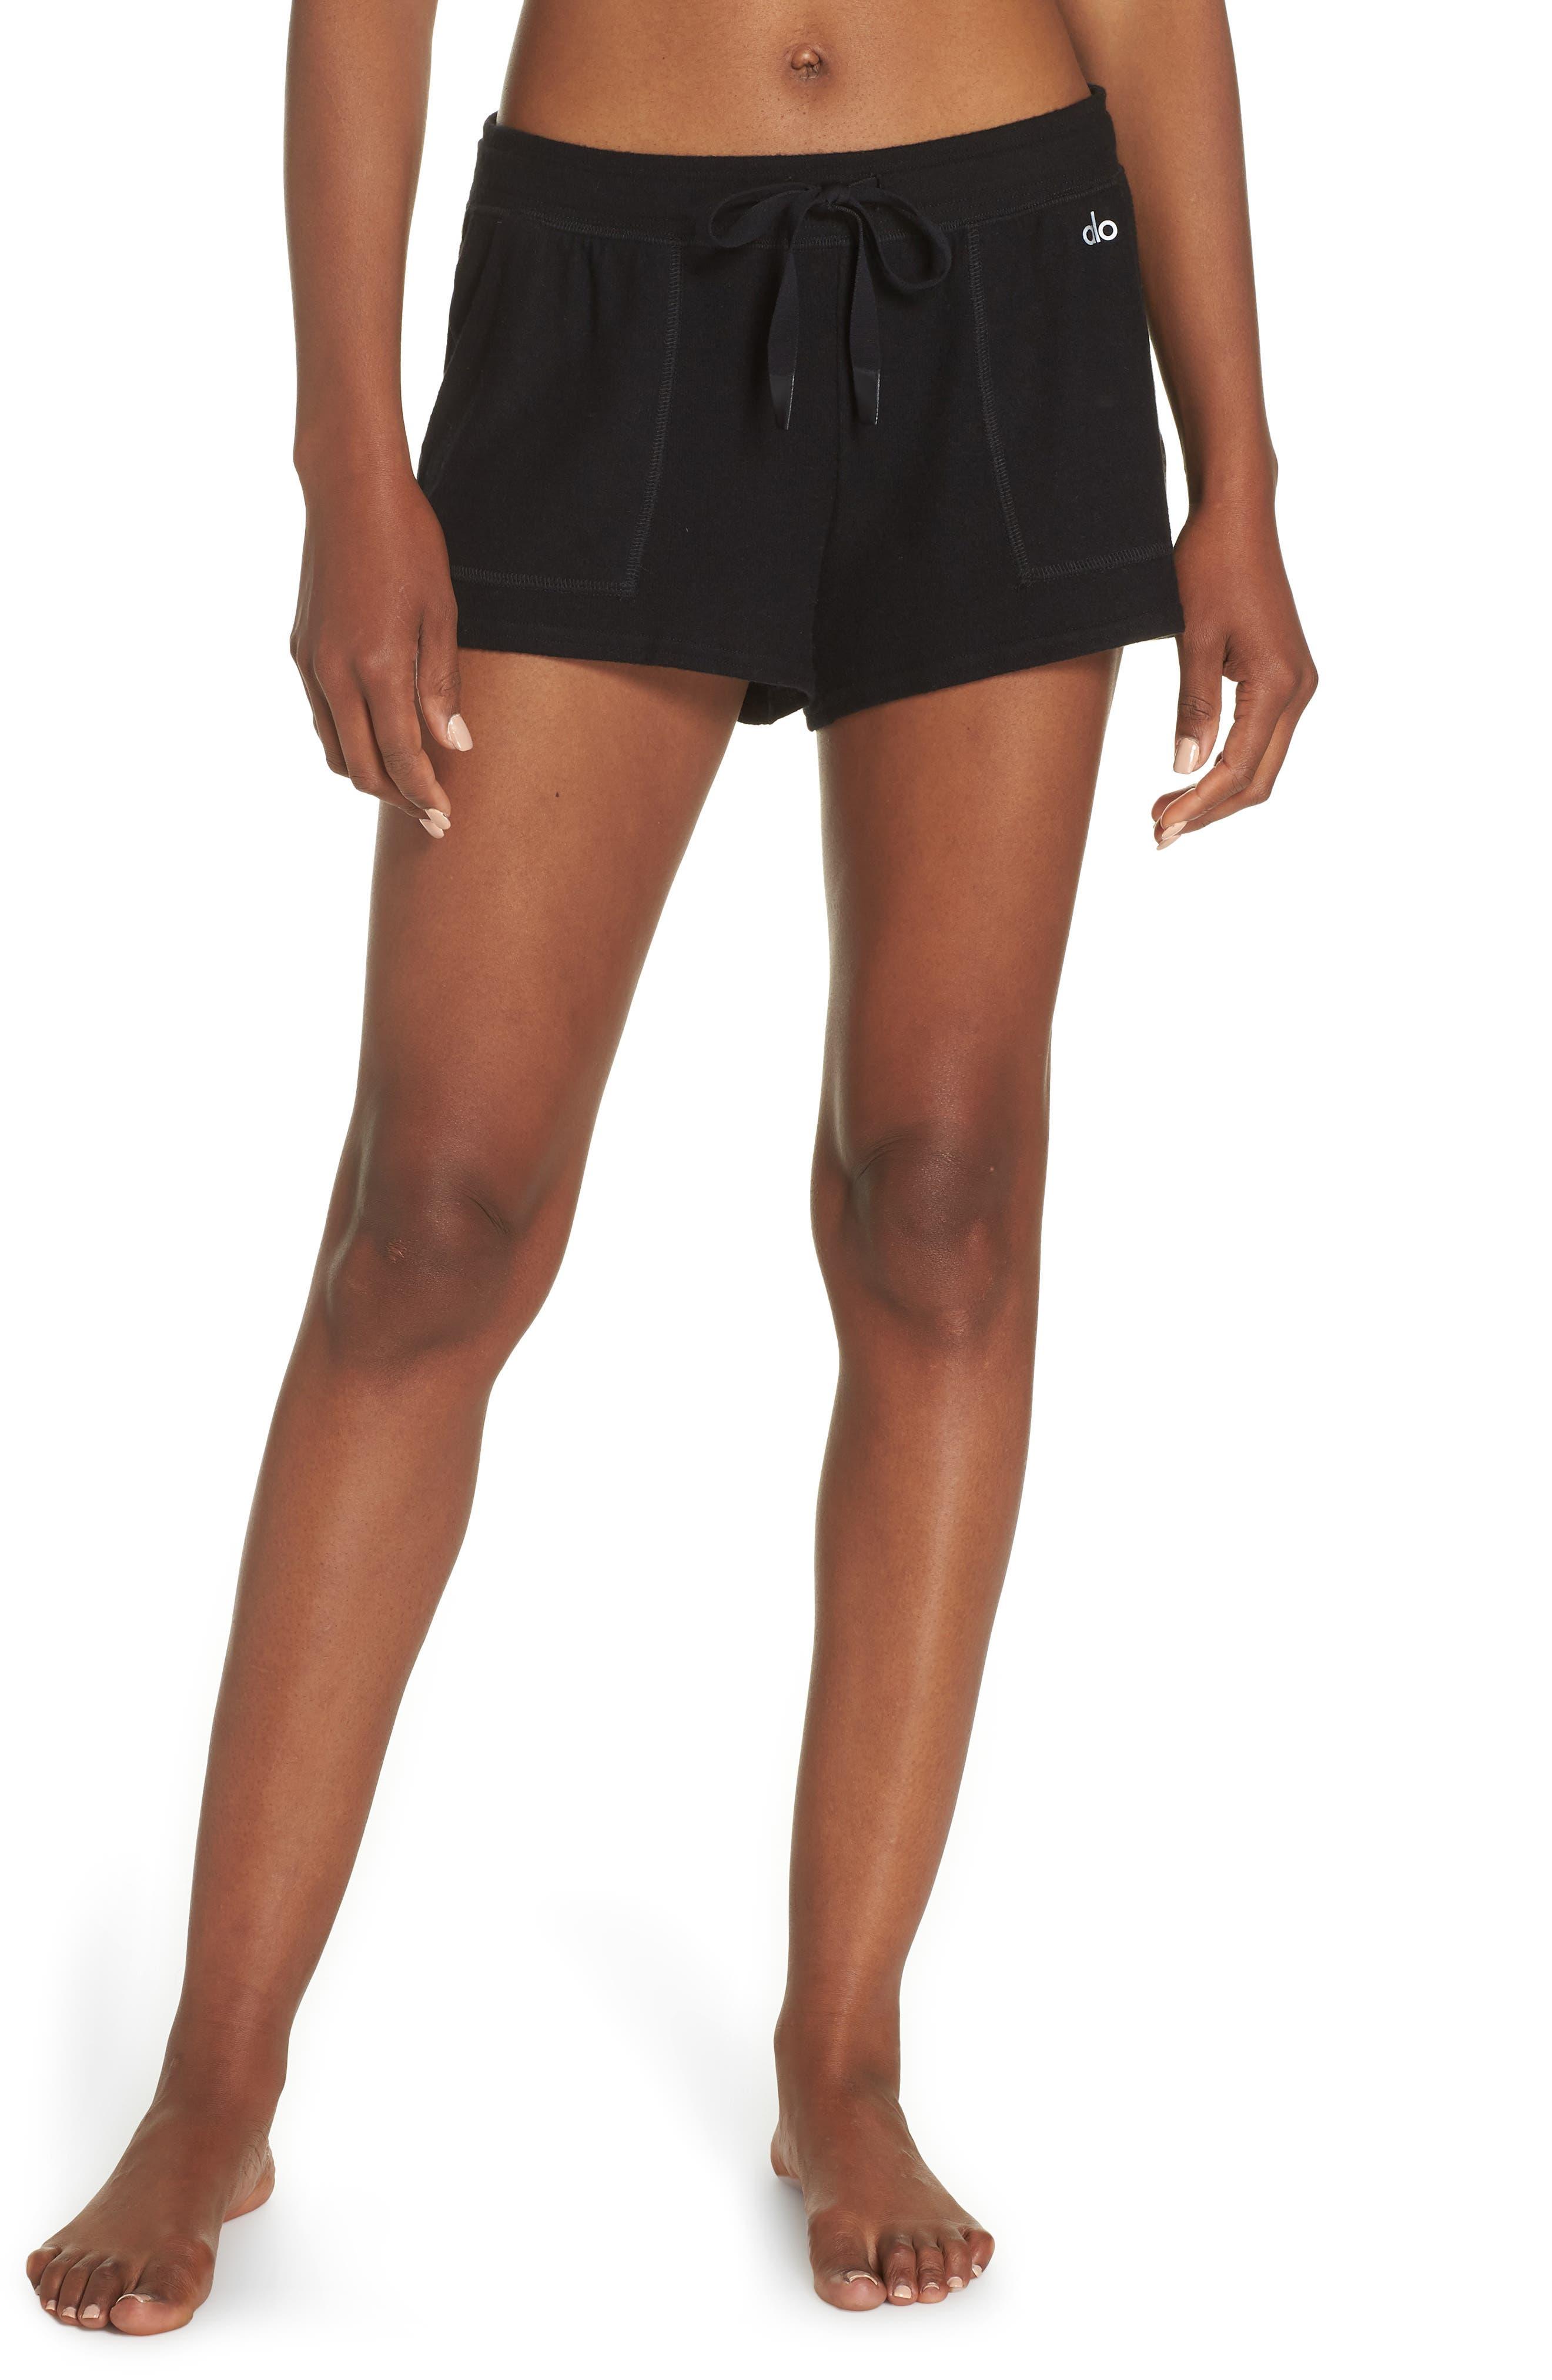 Daze Shorts,                             Main thumbnail 1, color,                             BLACK